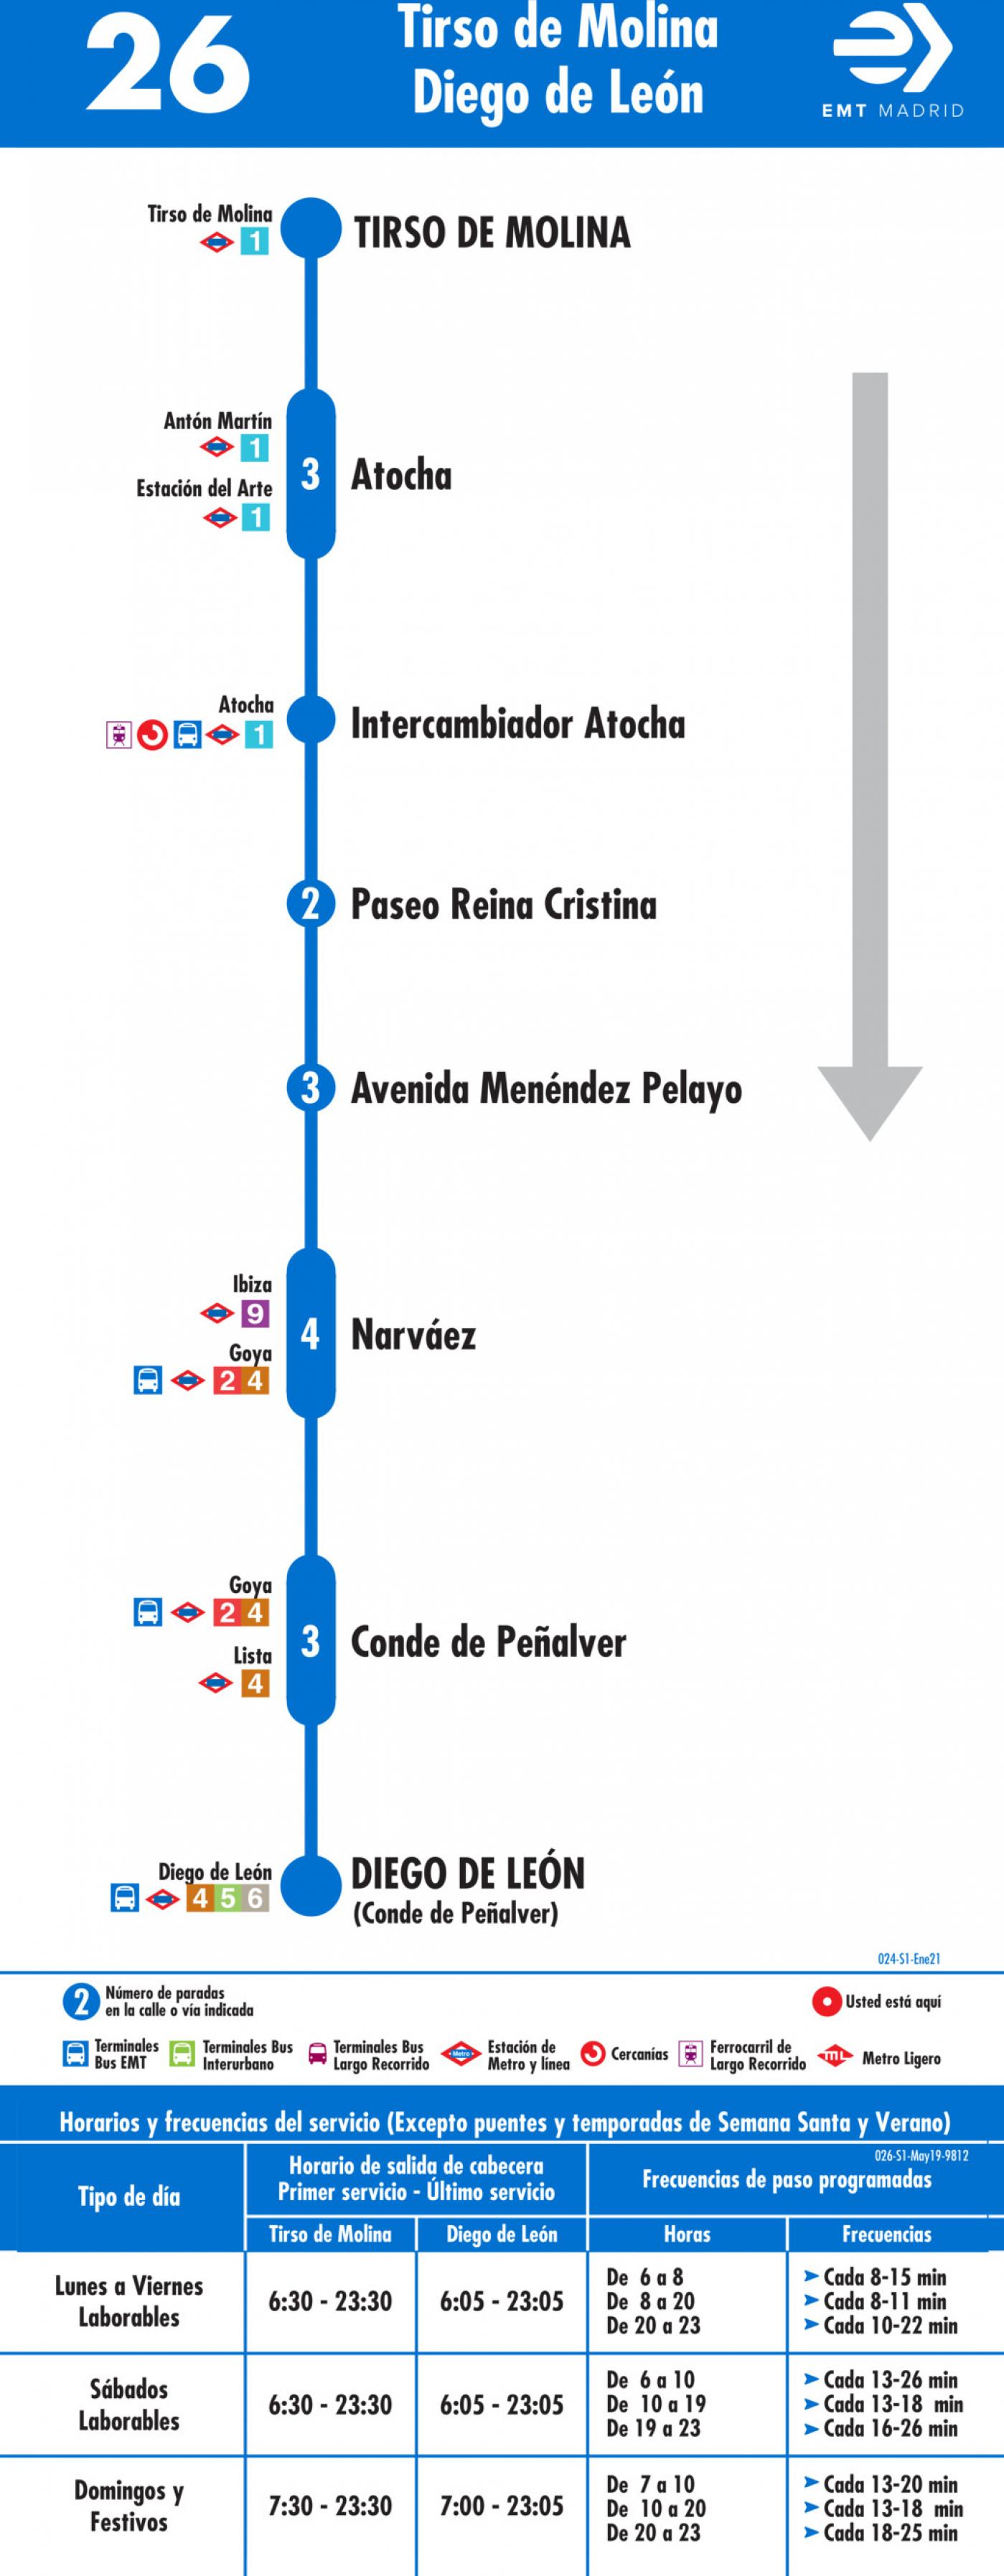 Tabla de horarios y frecuencias de paso en sentido ida Línea 26: Plaza de Tirso de Molina - Diego de León